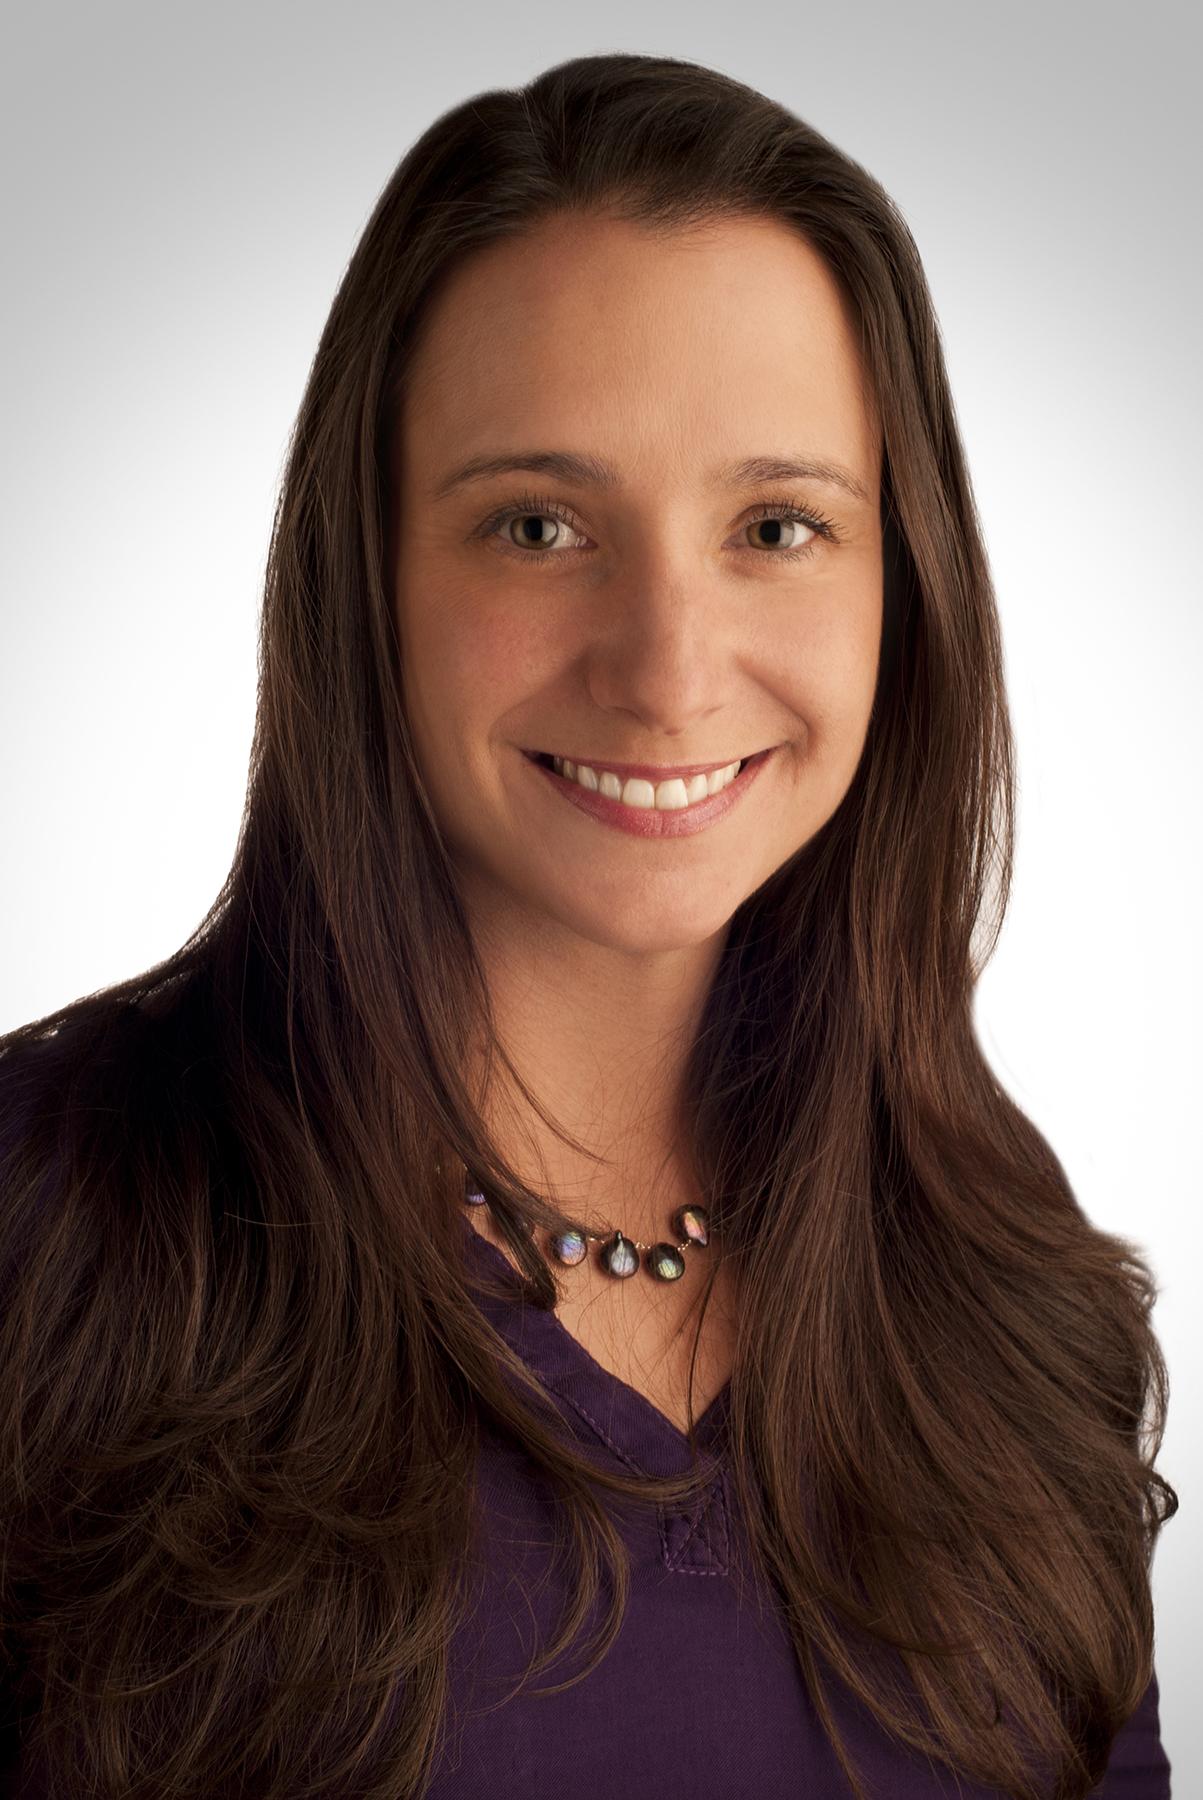 Danielle Mahnken